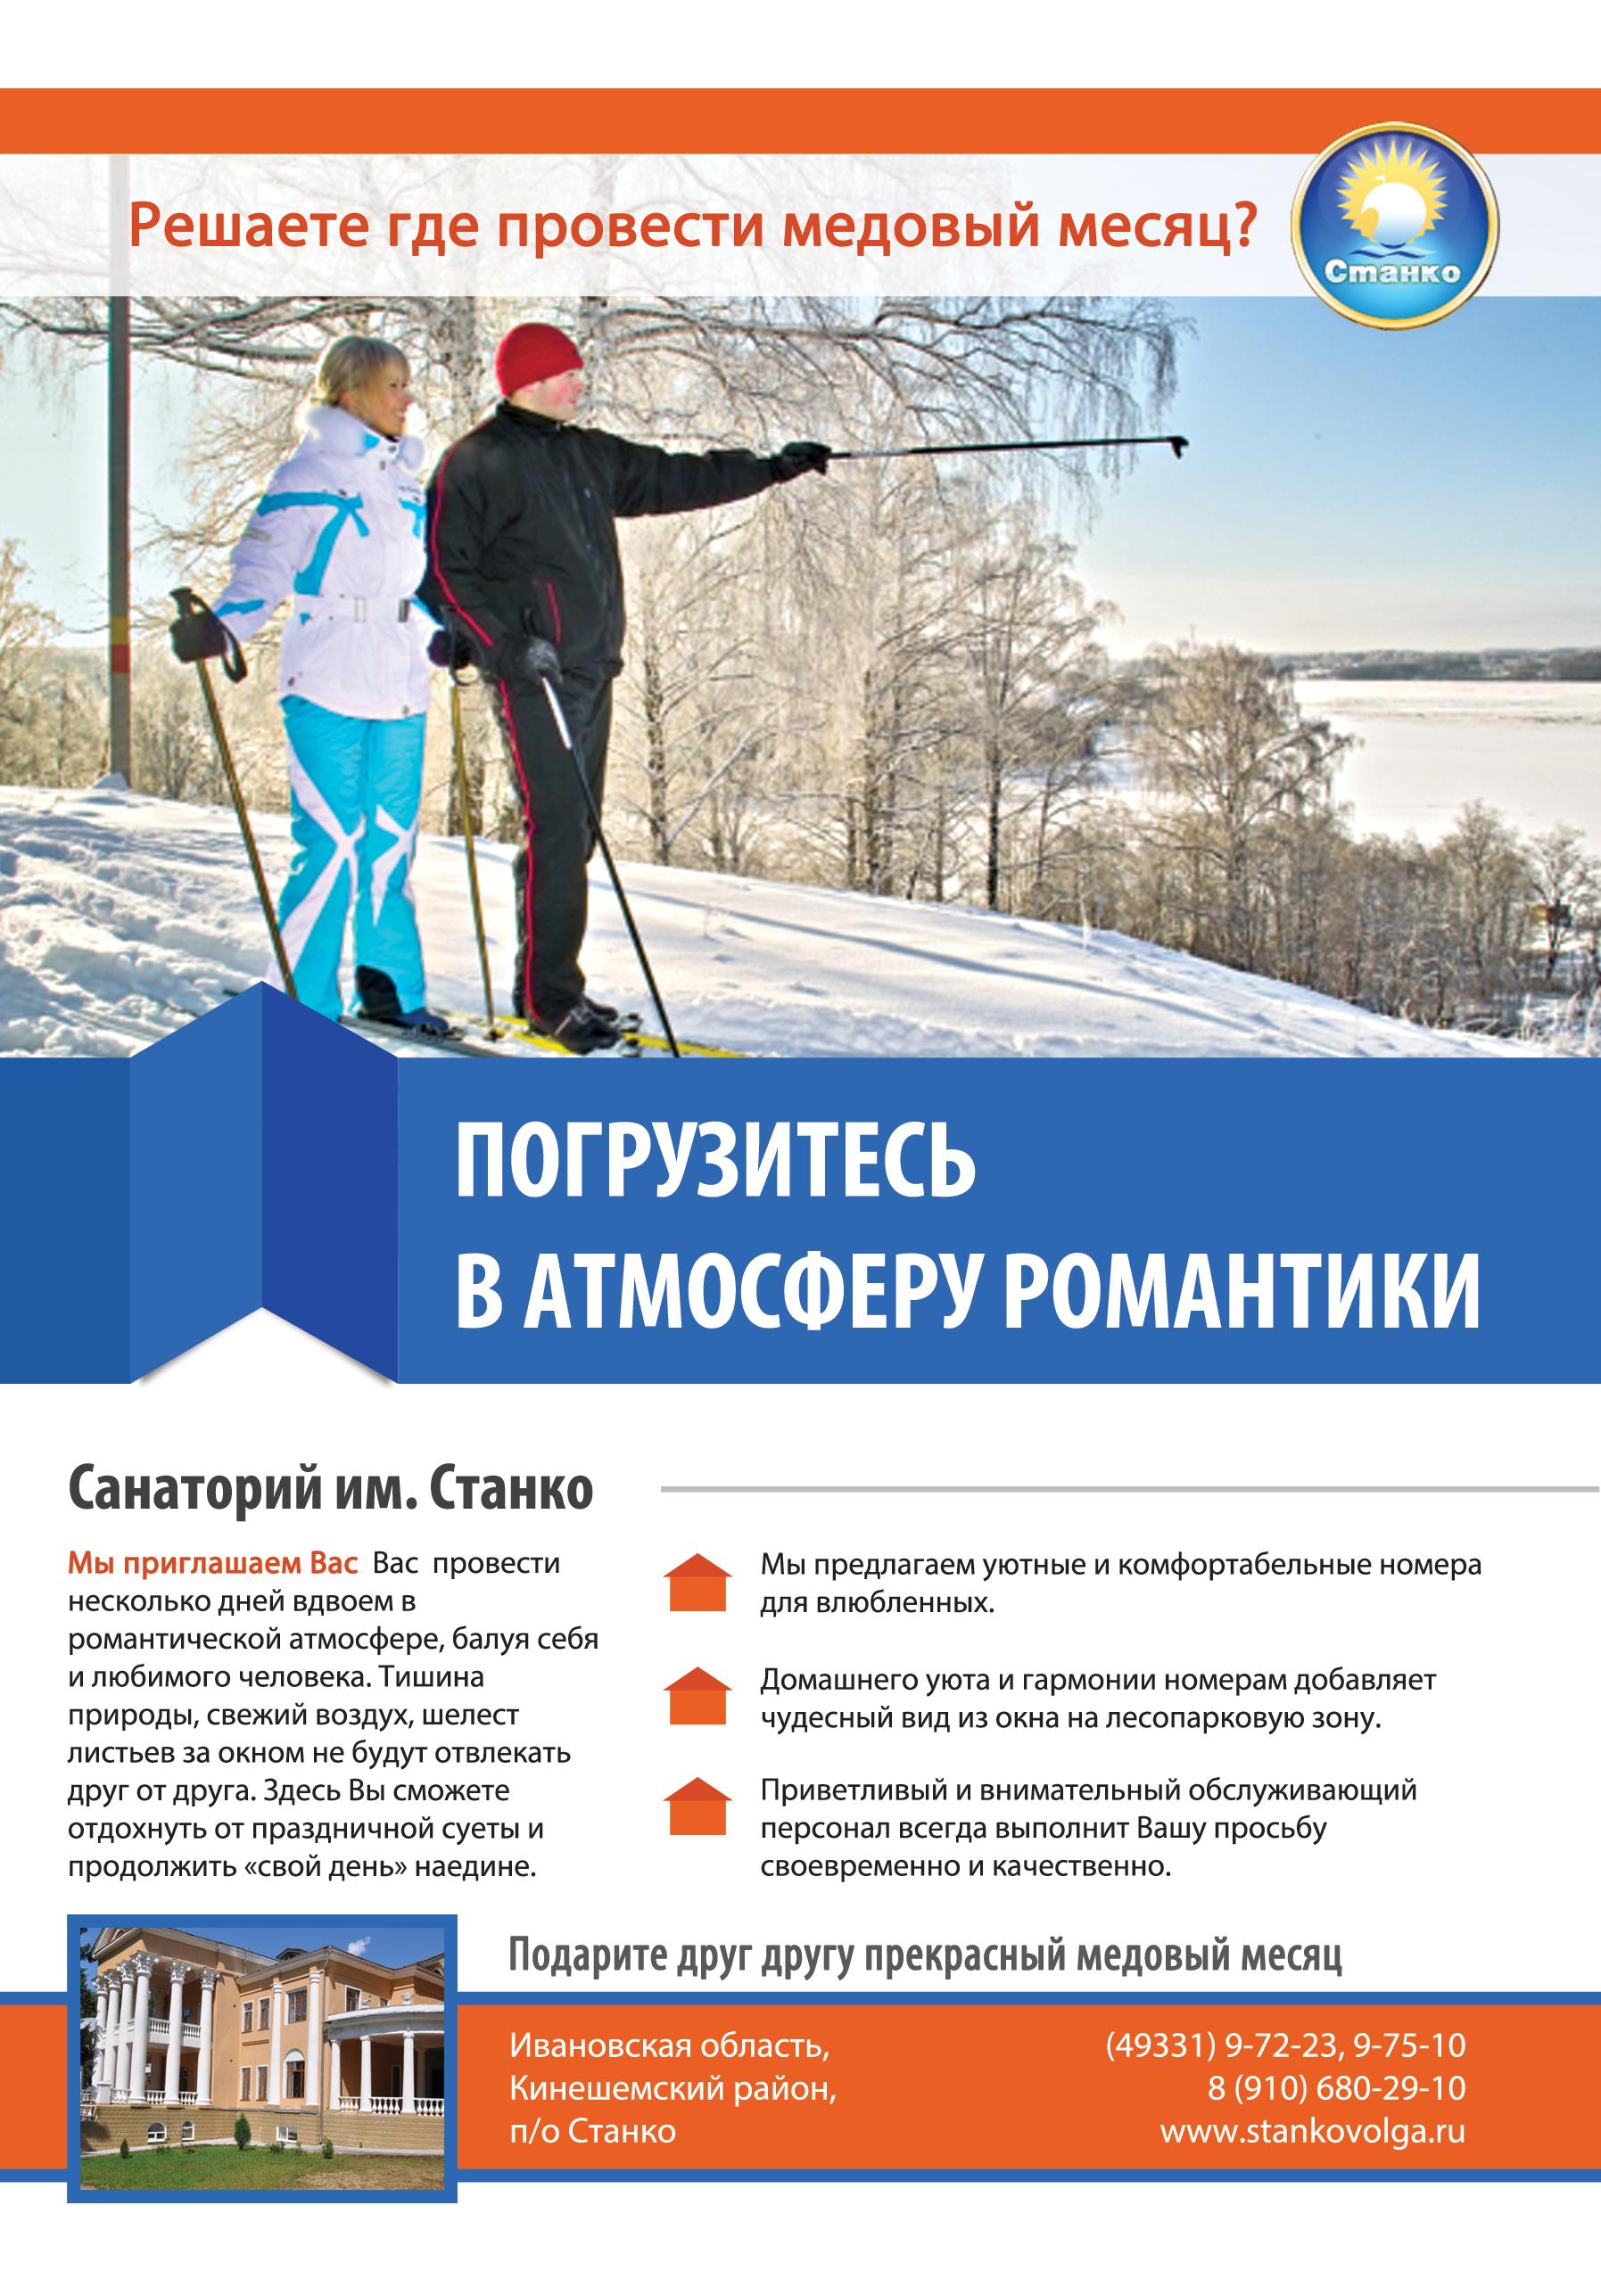 Рекламный модуль «Санаторий им. Станко»